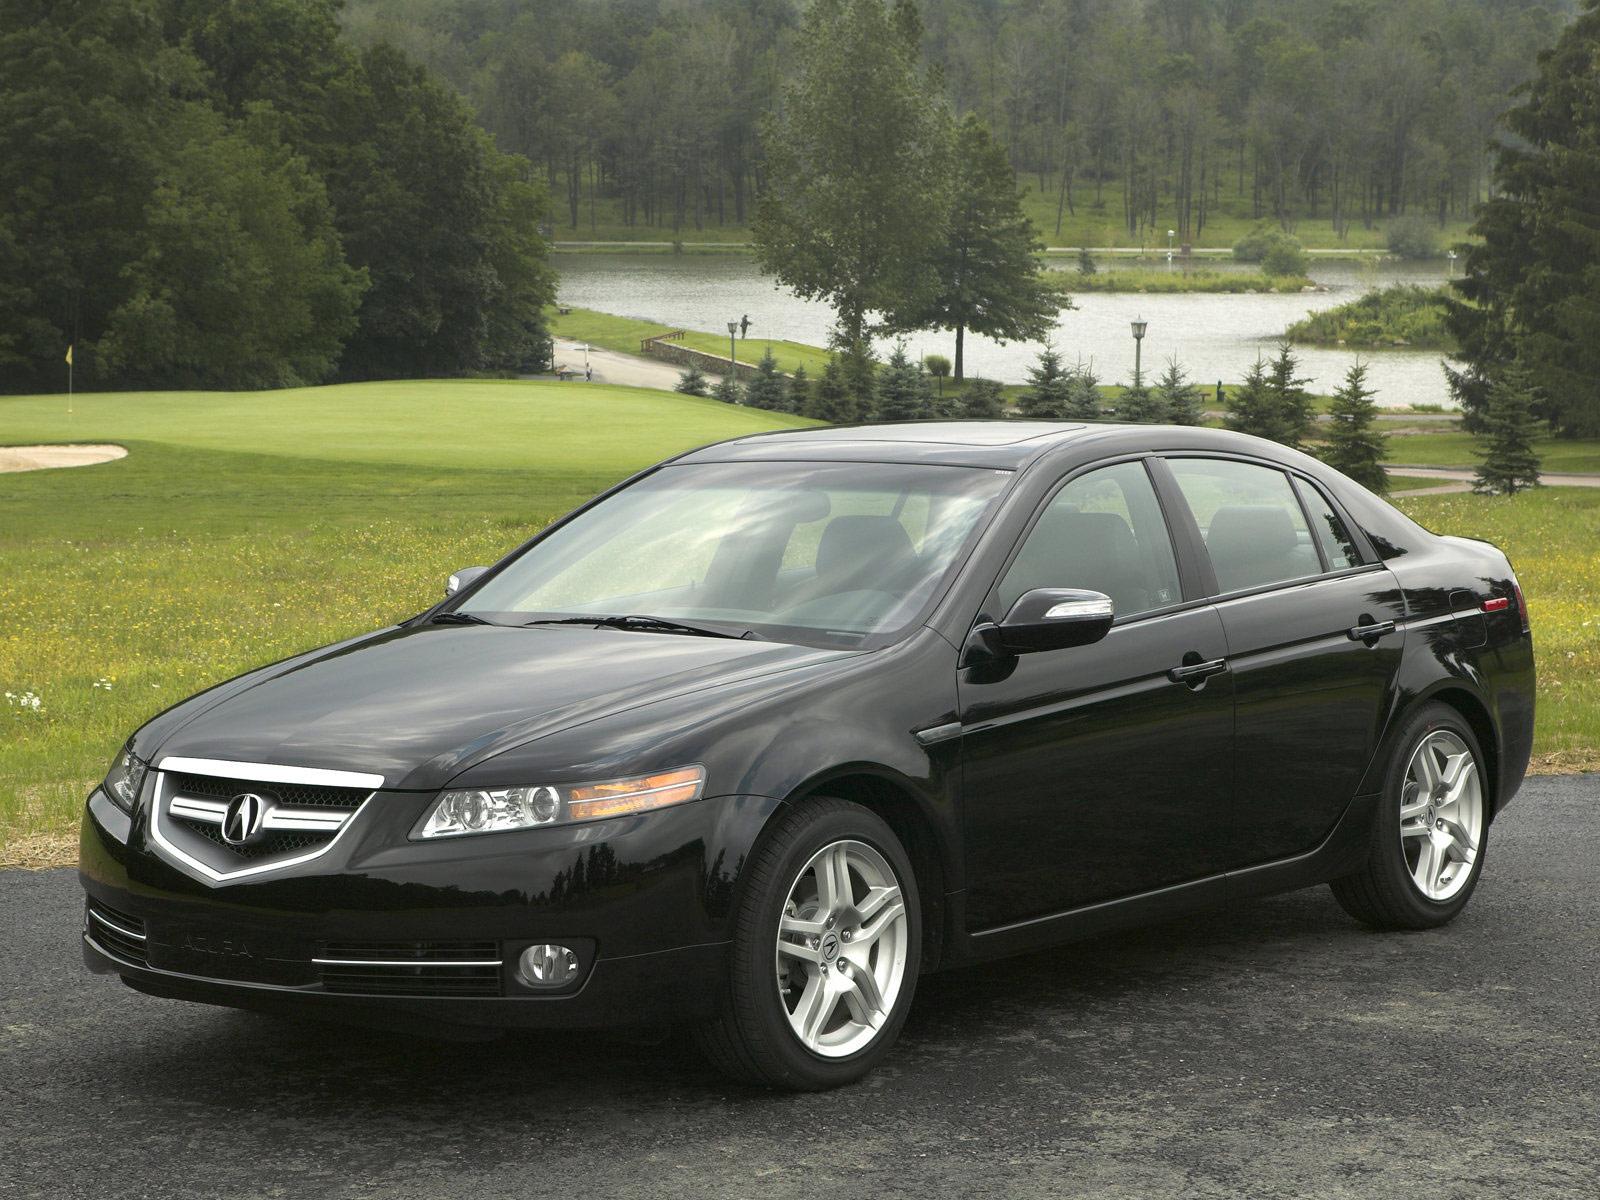 2007 Acura Tl Car Insurance Information